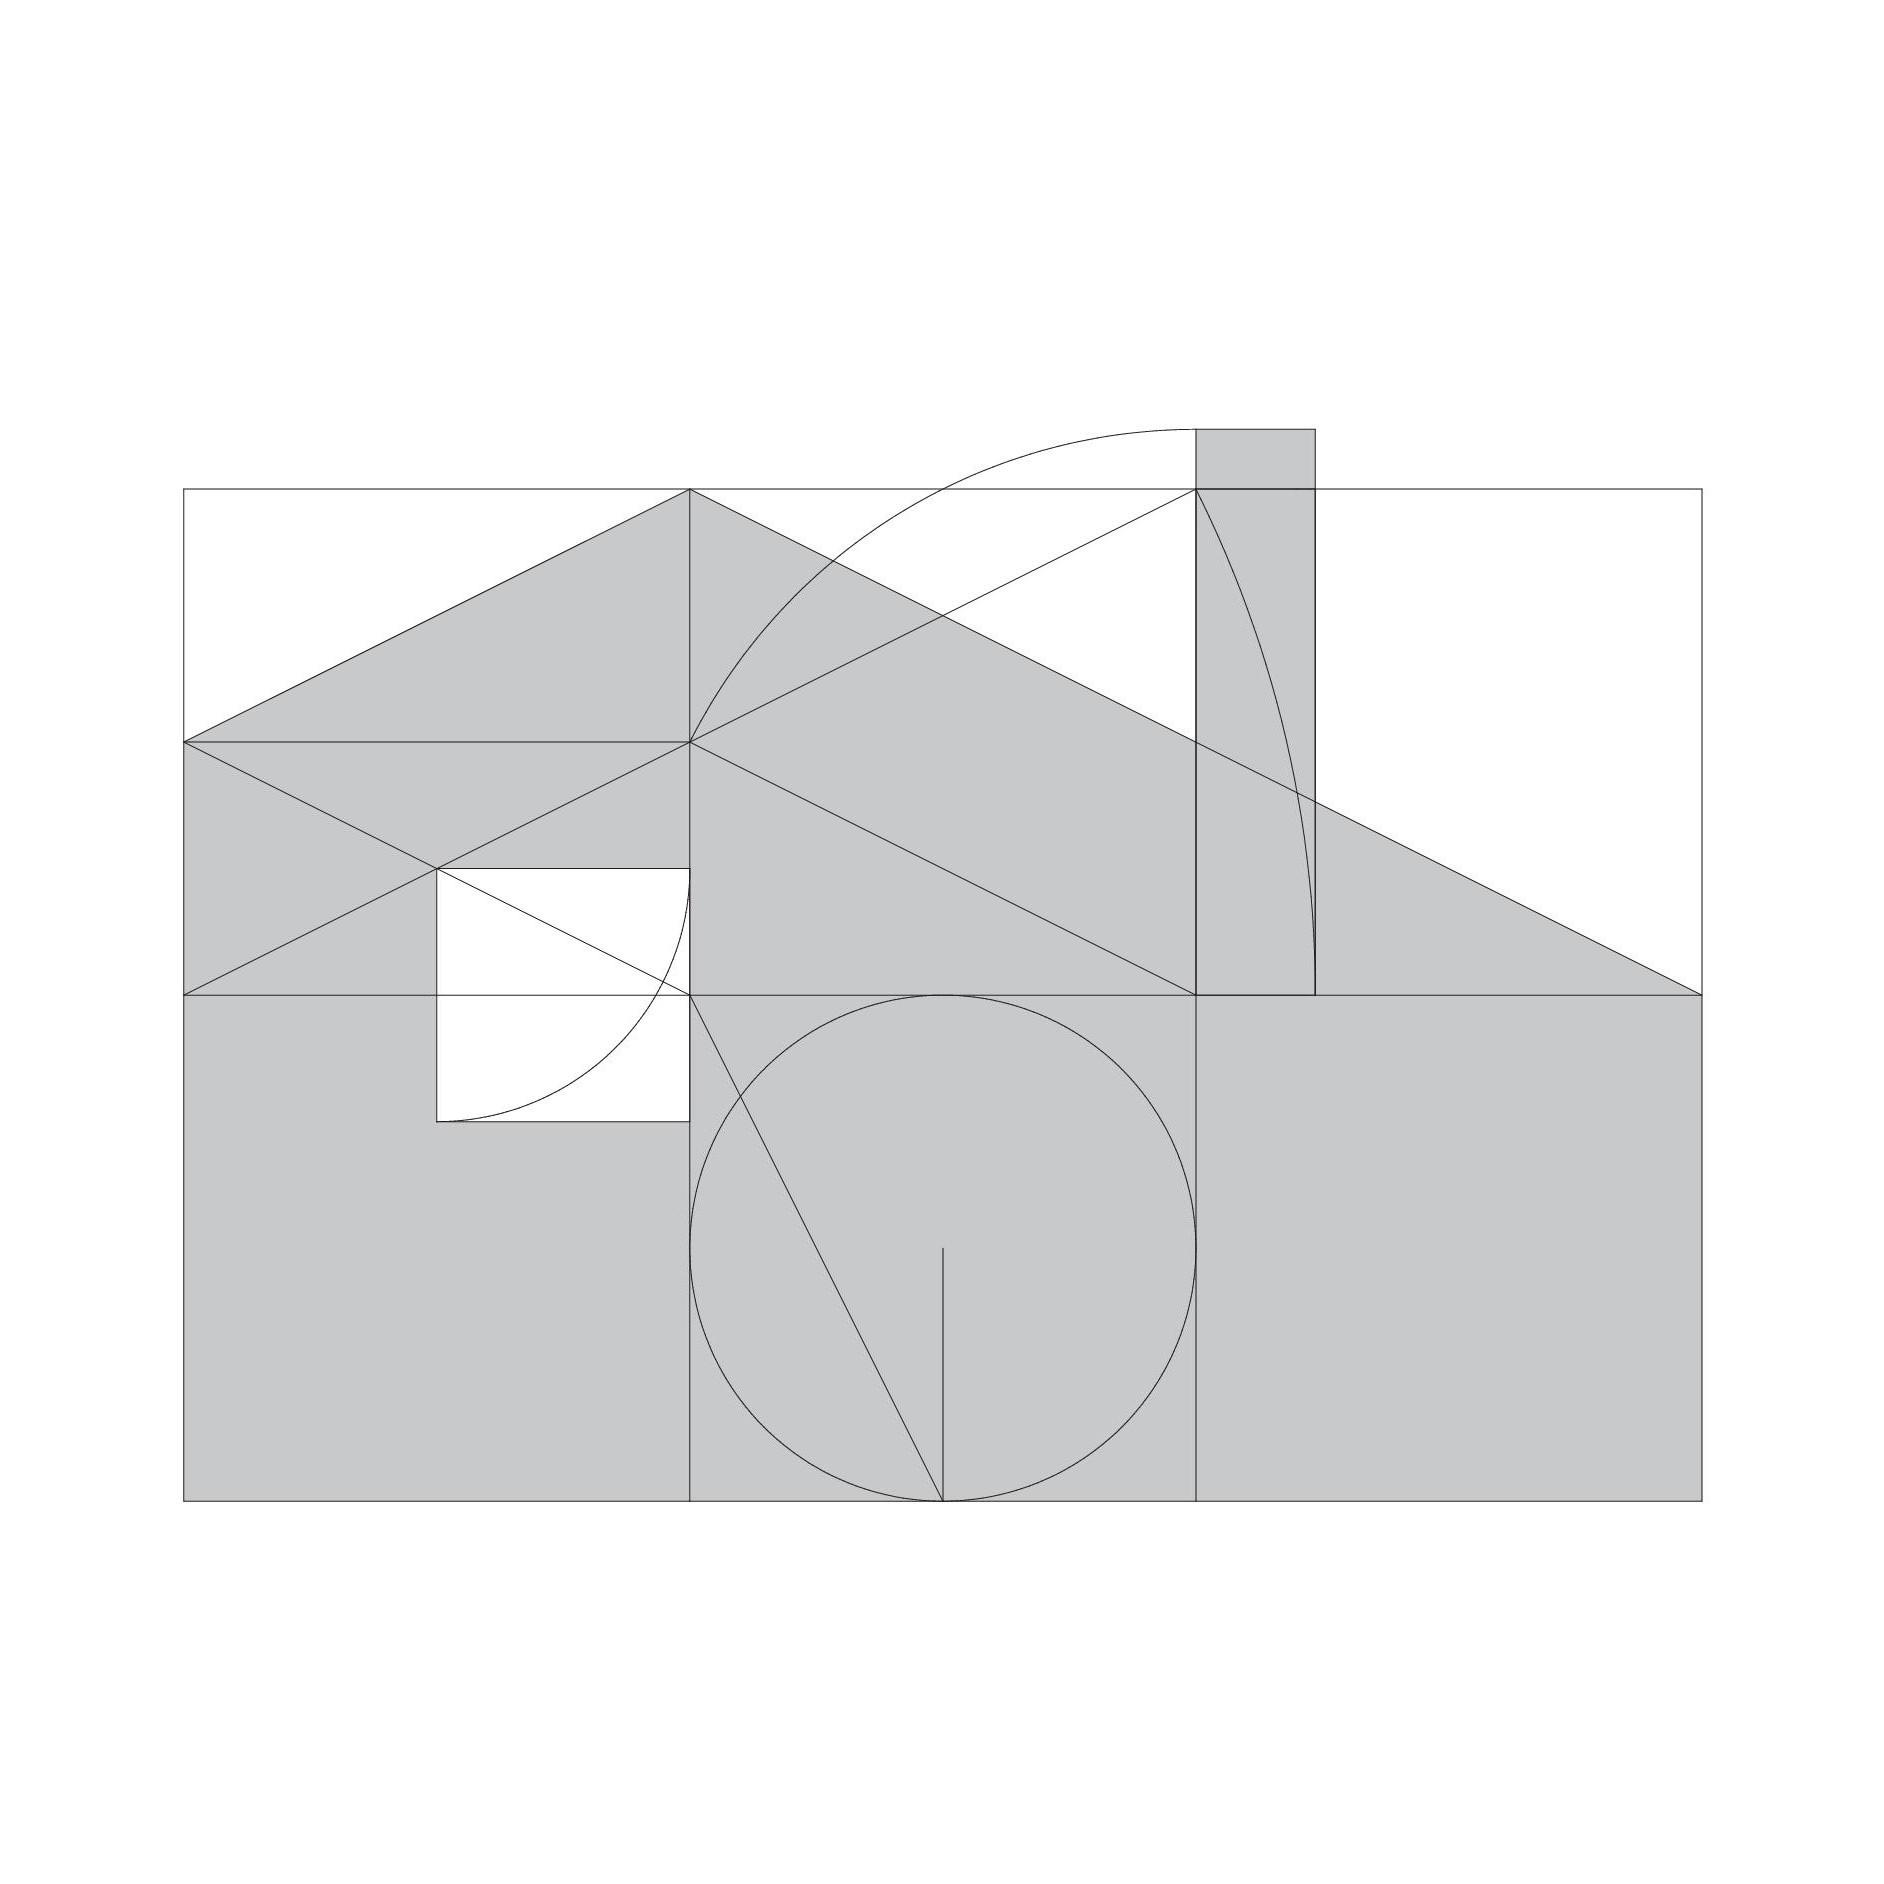 手描きを幾何学で理由づけ